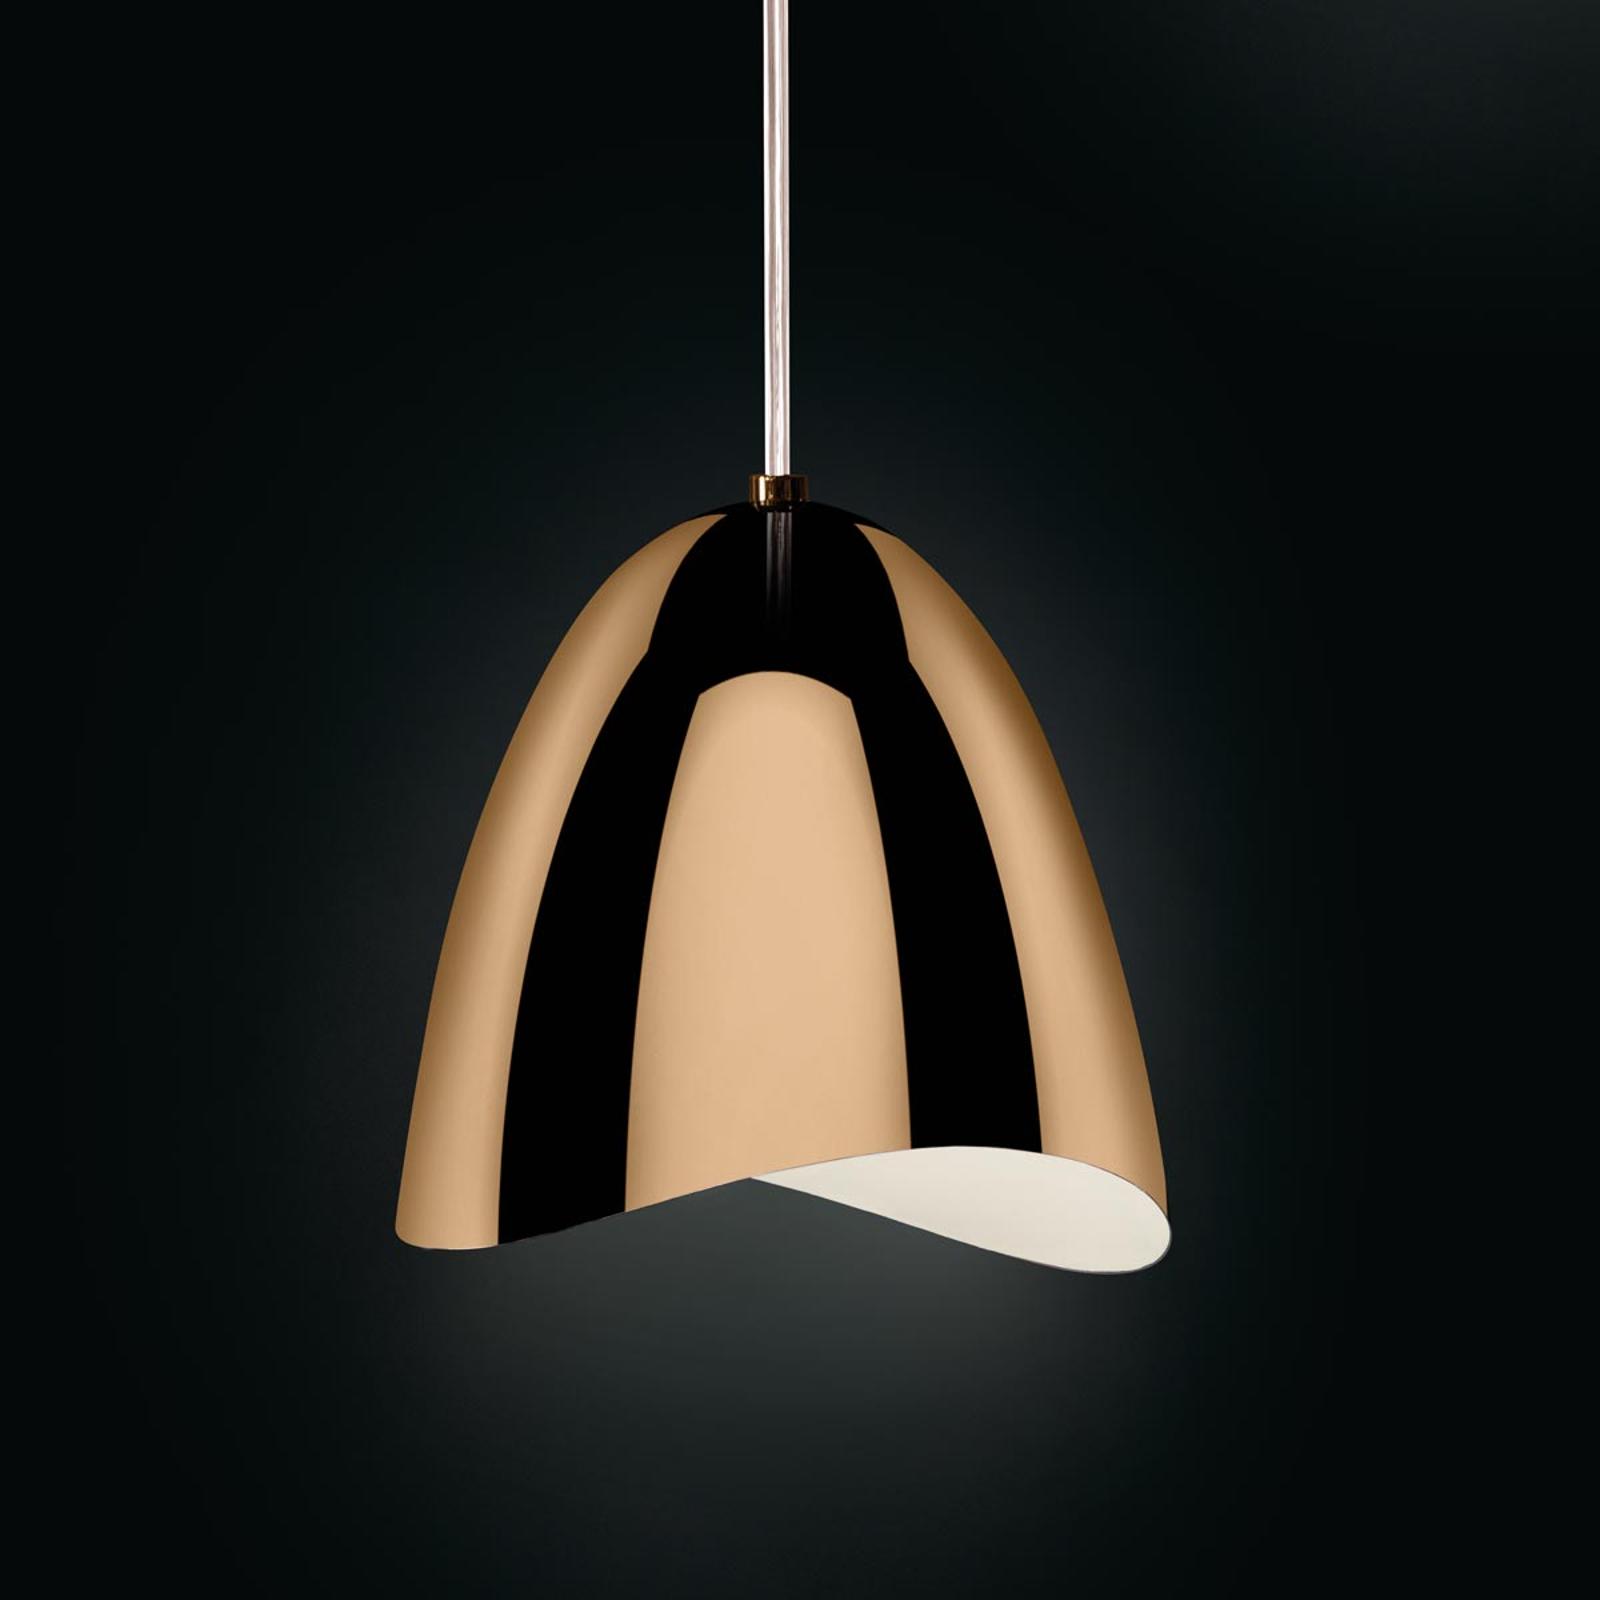 Lampada LED a sospensione di colore ottone Mirage